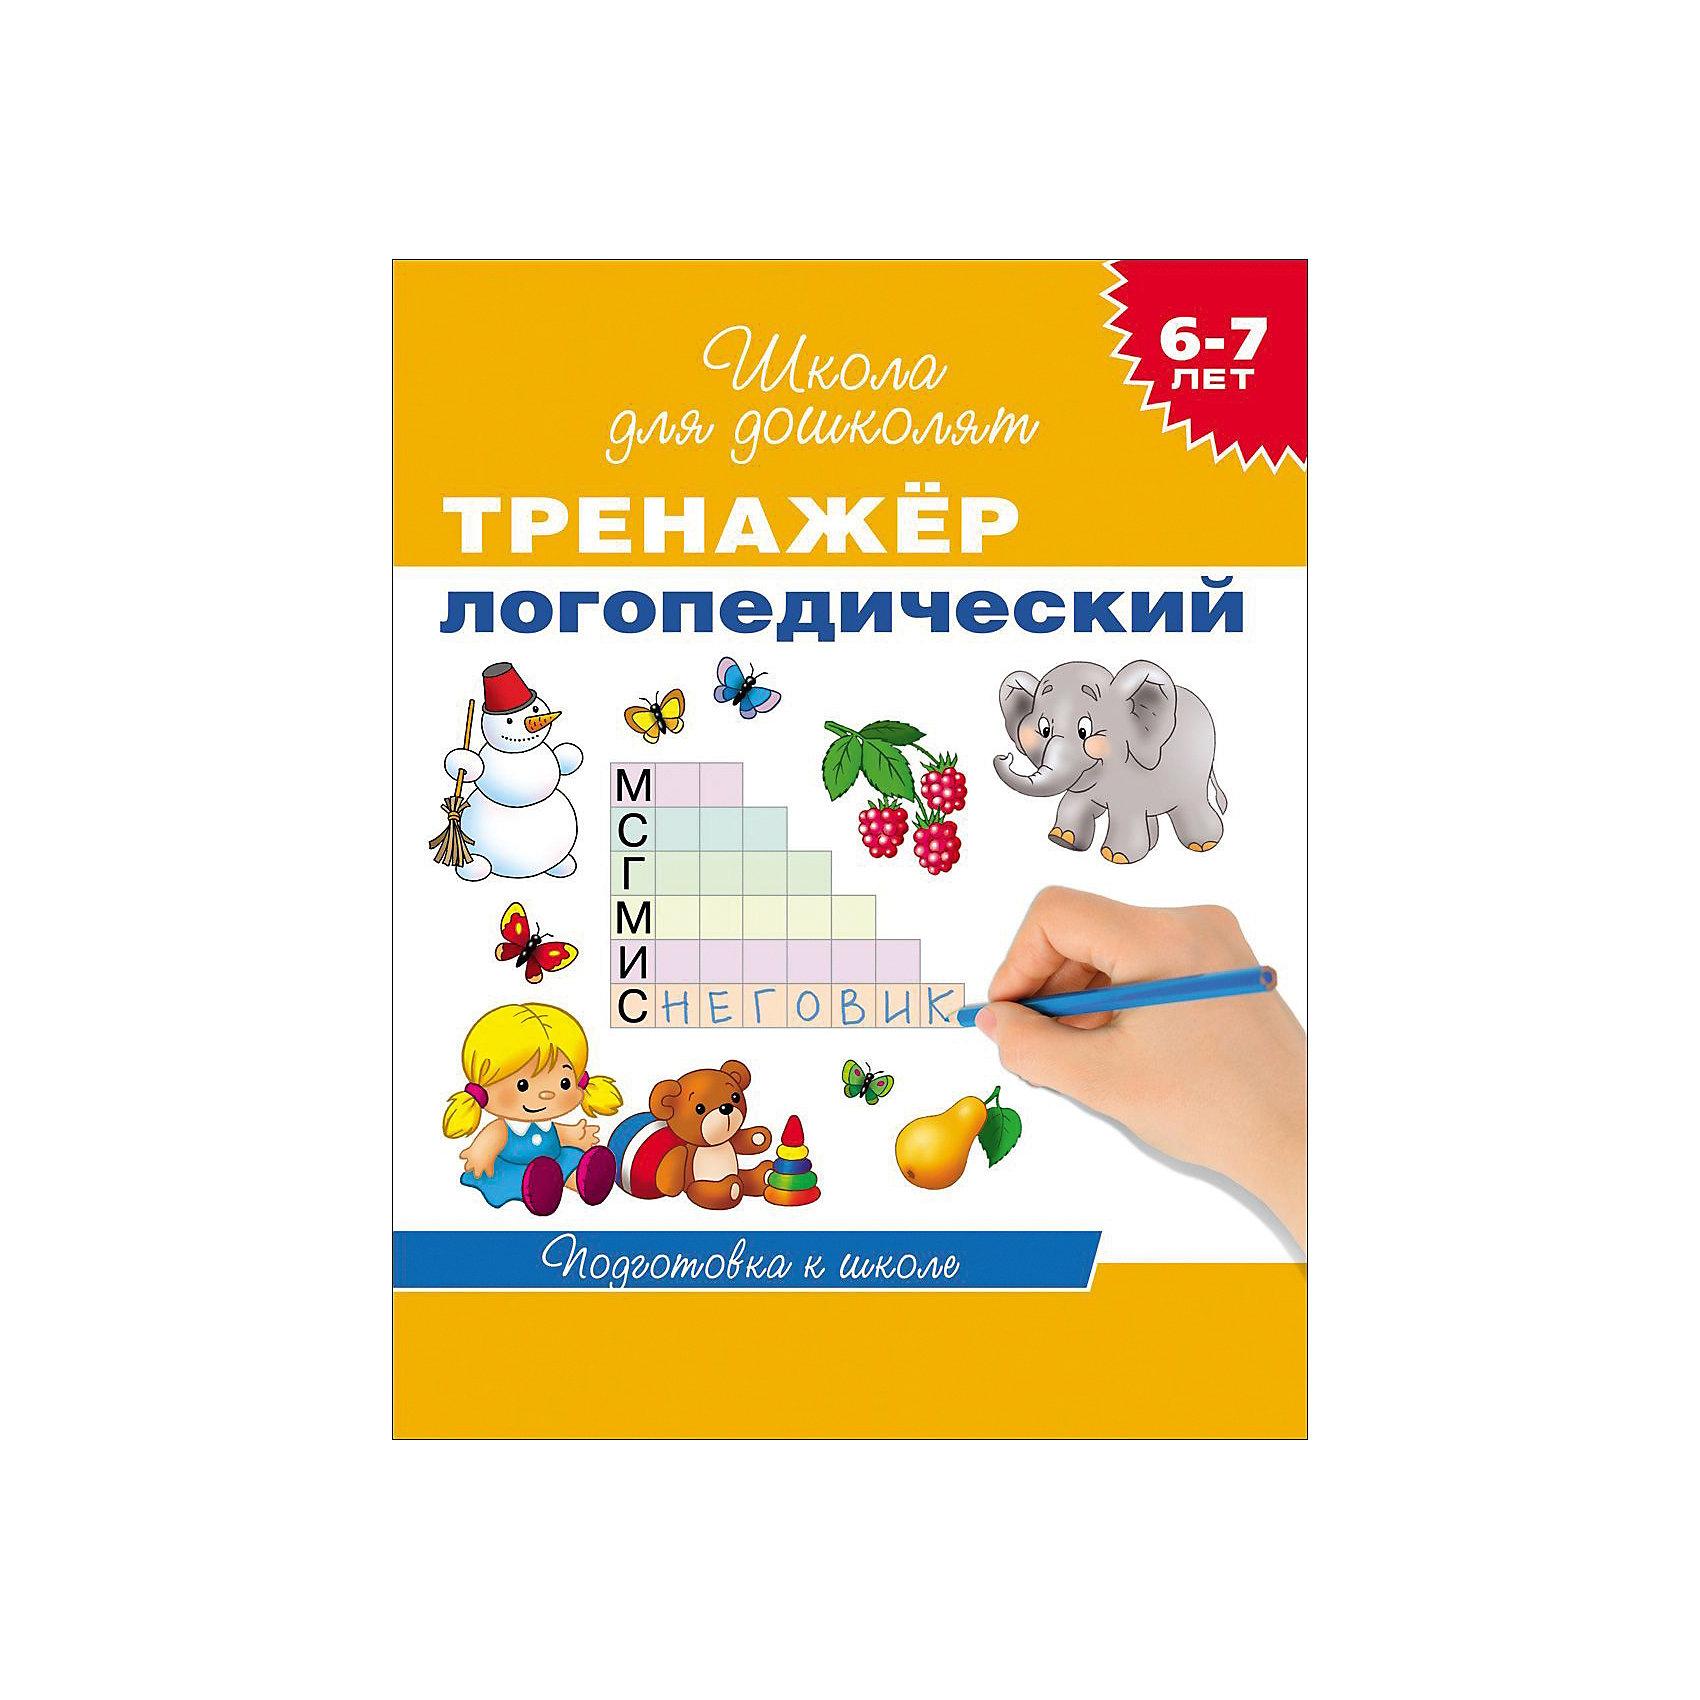 Школа для дошколят Тренажер логопедический (6-7 лет)Книги для развития речи<br>Характеристики товара:<br><br>- цвет: разноцветный;<br>- материал: бумага;<br>- страниц: 96;<br>- формат: 26 х 20 см;<br>- обложка: мягкая.<br><br>Подготовить ребенка к школе - легко! Это издание станет отличным помощником для родителей. Оно сделано по методике, с помощью которой они могут предлагать ребенку несложные занятия для отработки нужных навыков до автоматизма. Дети с удовольствием выполняют предложенные задания!<br>Выполнение этих упражнений помогает ребенку развивать память, концентрацию внимания, воображение и другие необходимые навыки. Издание произведено из качественных материалов, которые безопасны даже для самых маленьких.<br><br>Издание Тренажер логопедический от компании Росмэн можно купить в нашем интернет-магазине.<br><br>Ширина мм: 255<br>Глубина мм: 195<br>Высота мм: 5<br>Вес г: 180<br>Возраст от месяцев: 72<br>Возраст до месяцев: 84<br>Пол: Унисекс<br>Возраст: Детский<br>SKU: 3633701